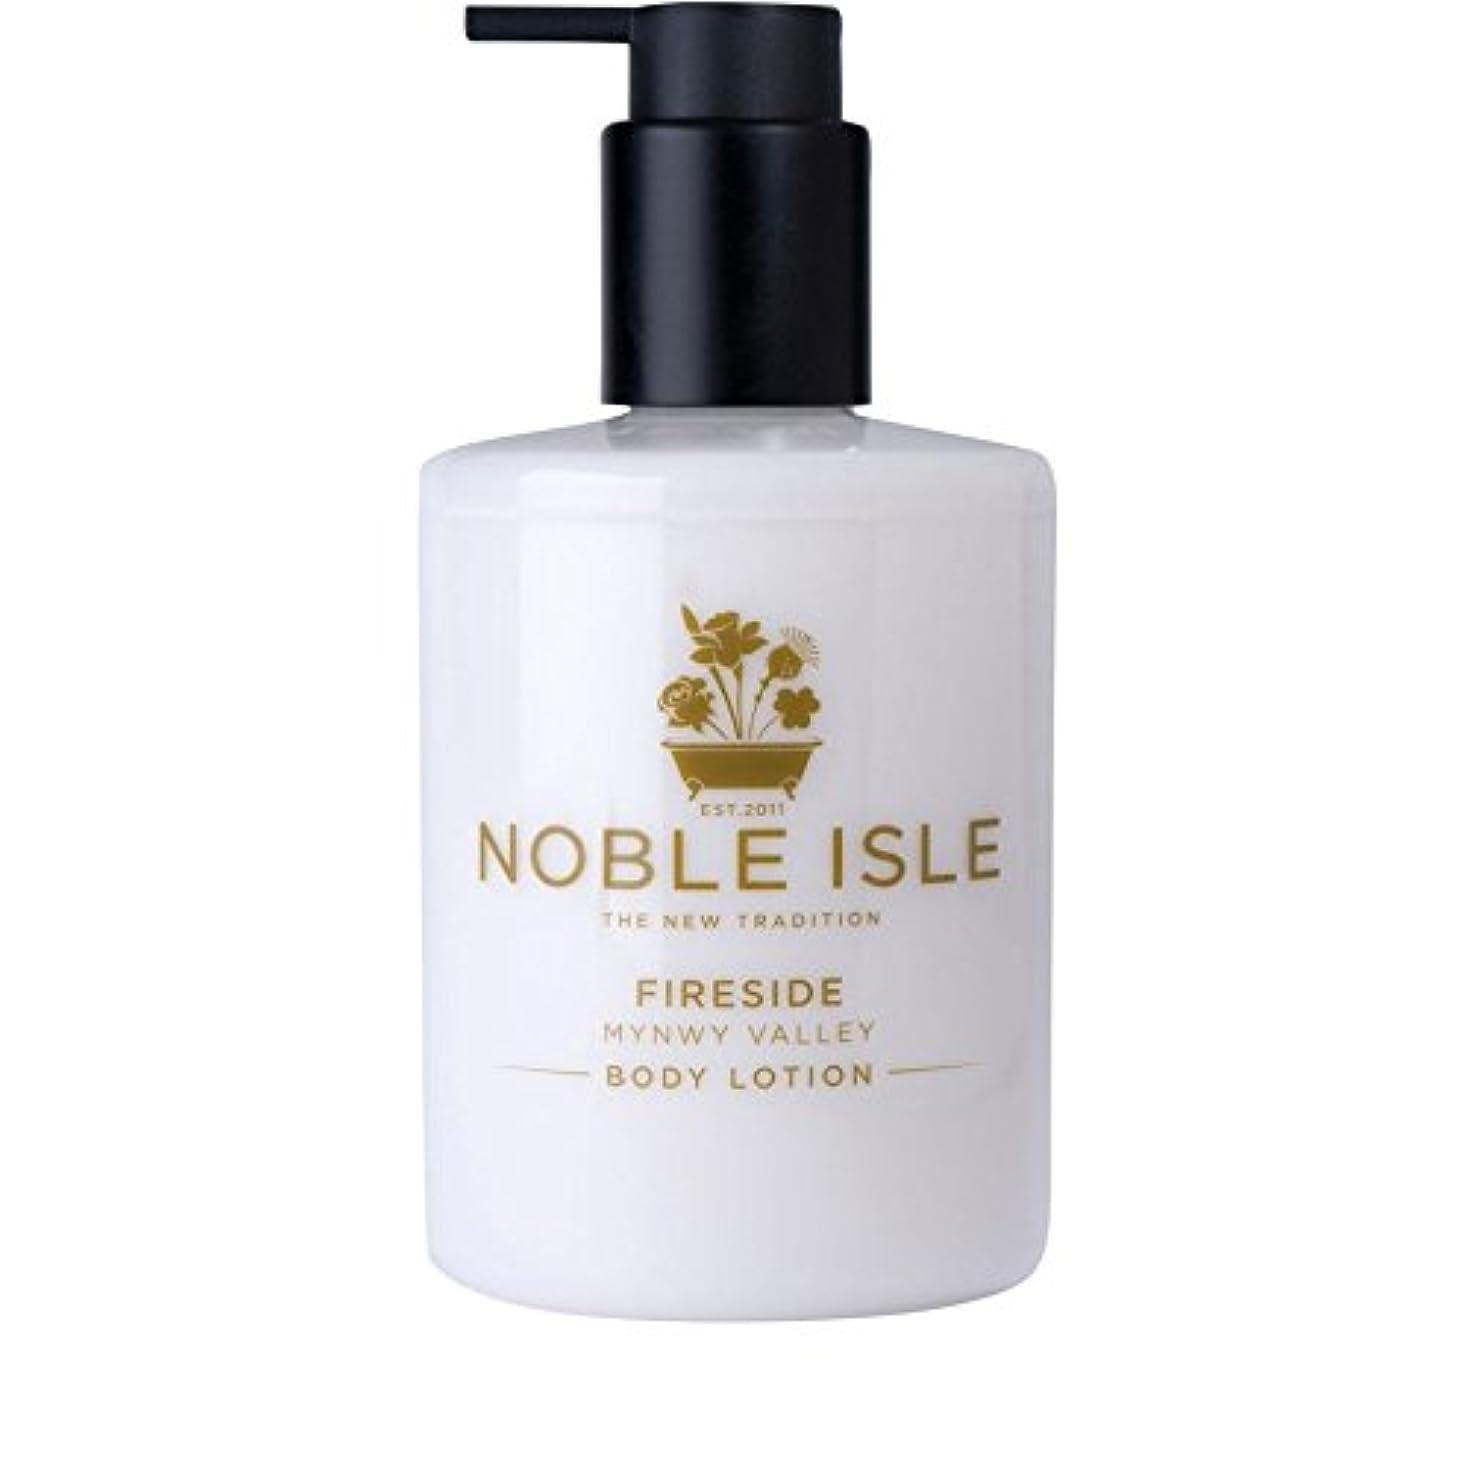 護衛終点上級Noble Isle Fireside Mynwy Valley Body Lotion 250ml - 高貴な島炉端谷のボディローション250ミリリットル [並行輸入品]